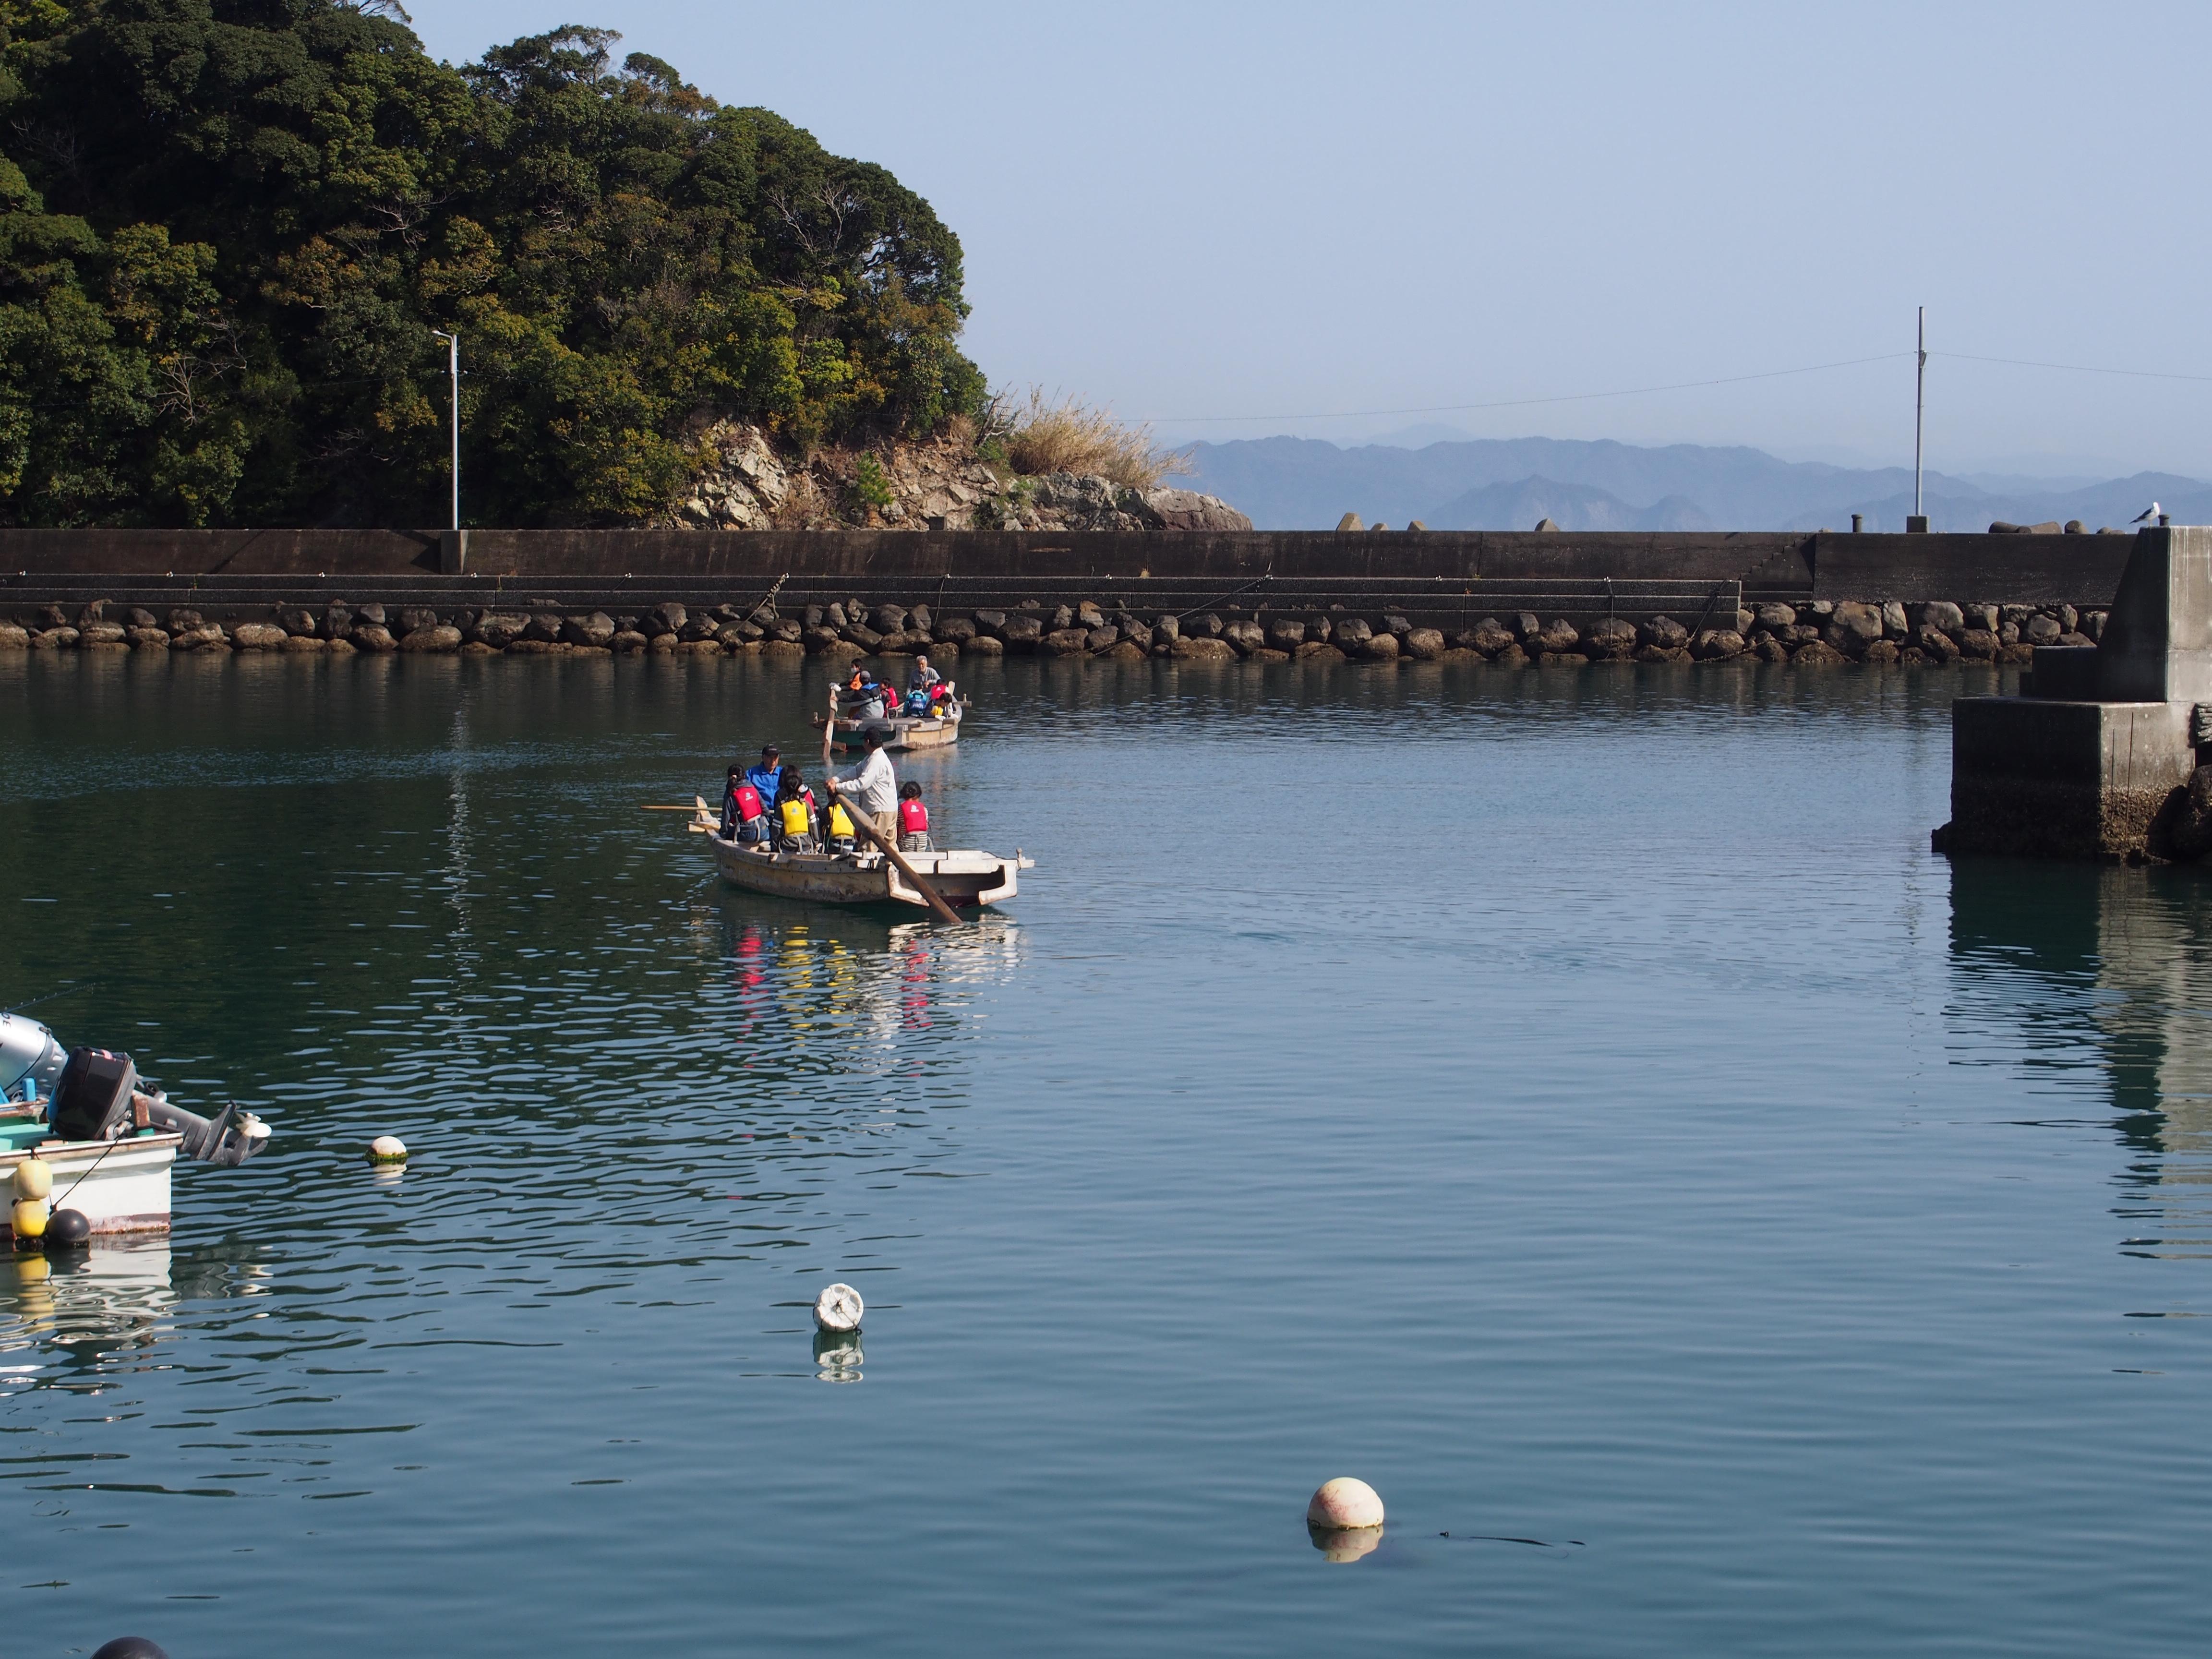 中土佐町 海鮮祭 和船乗車無料体験